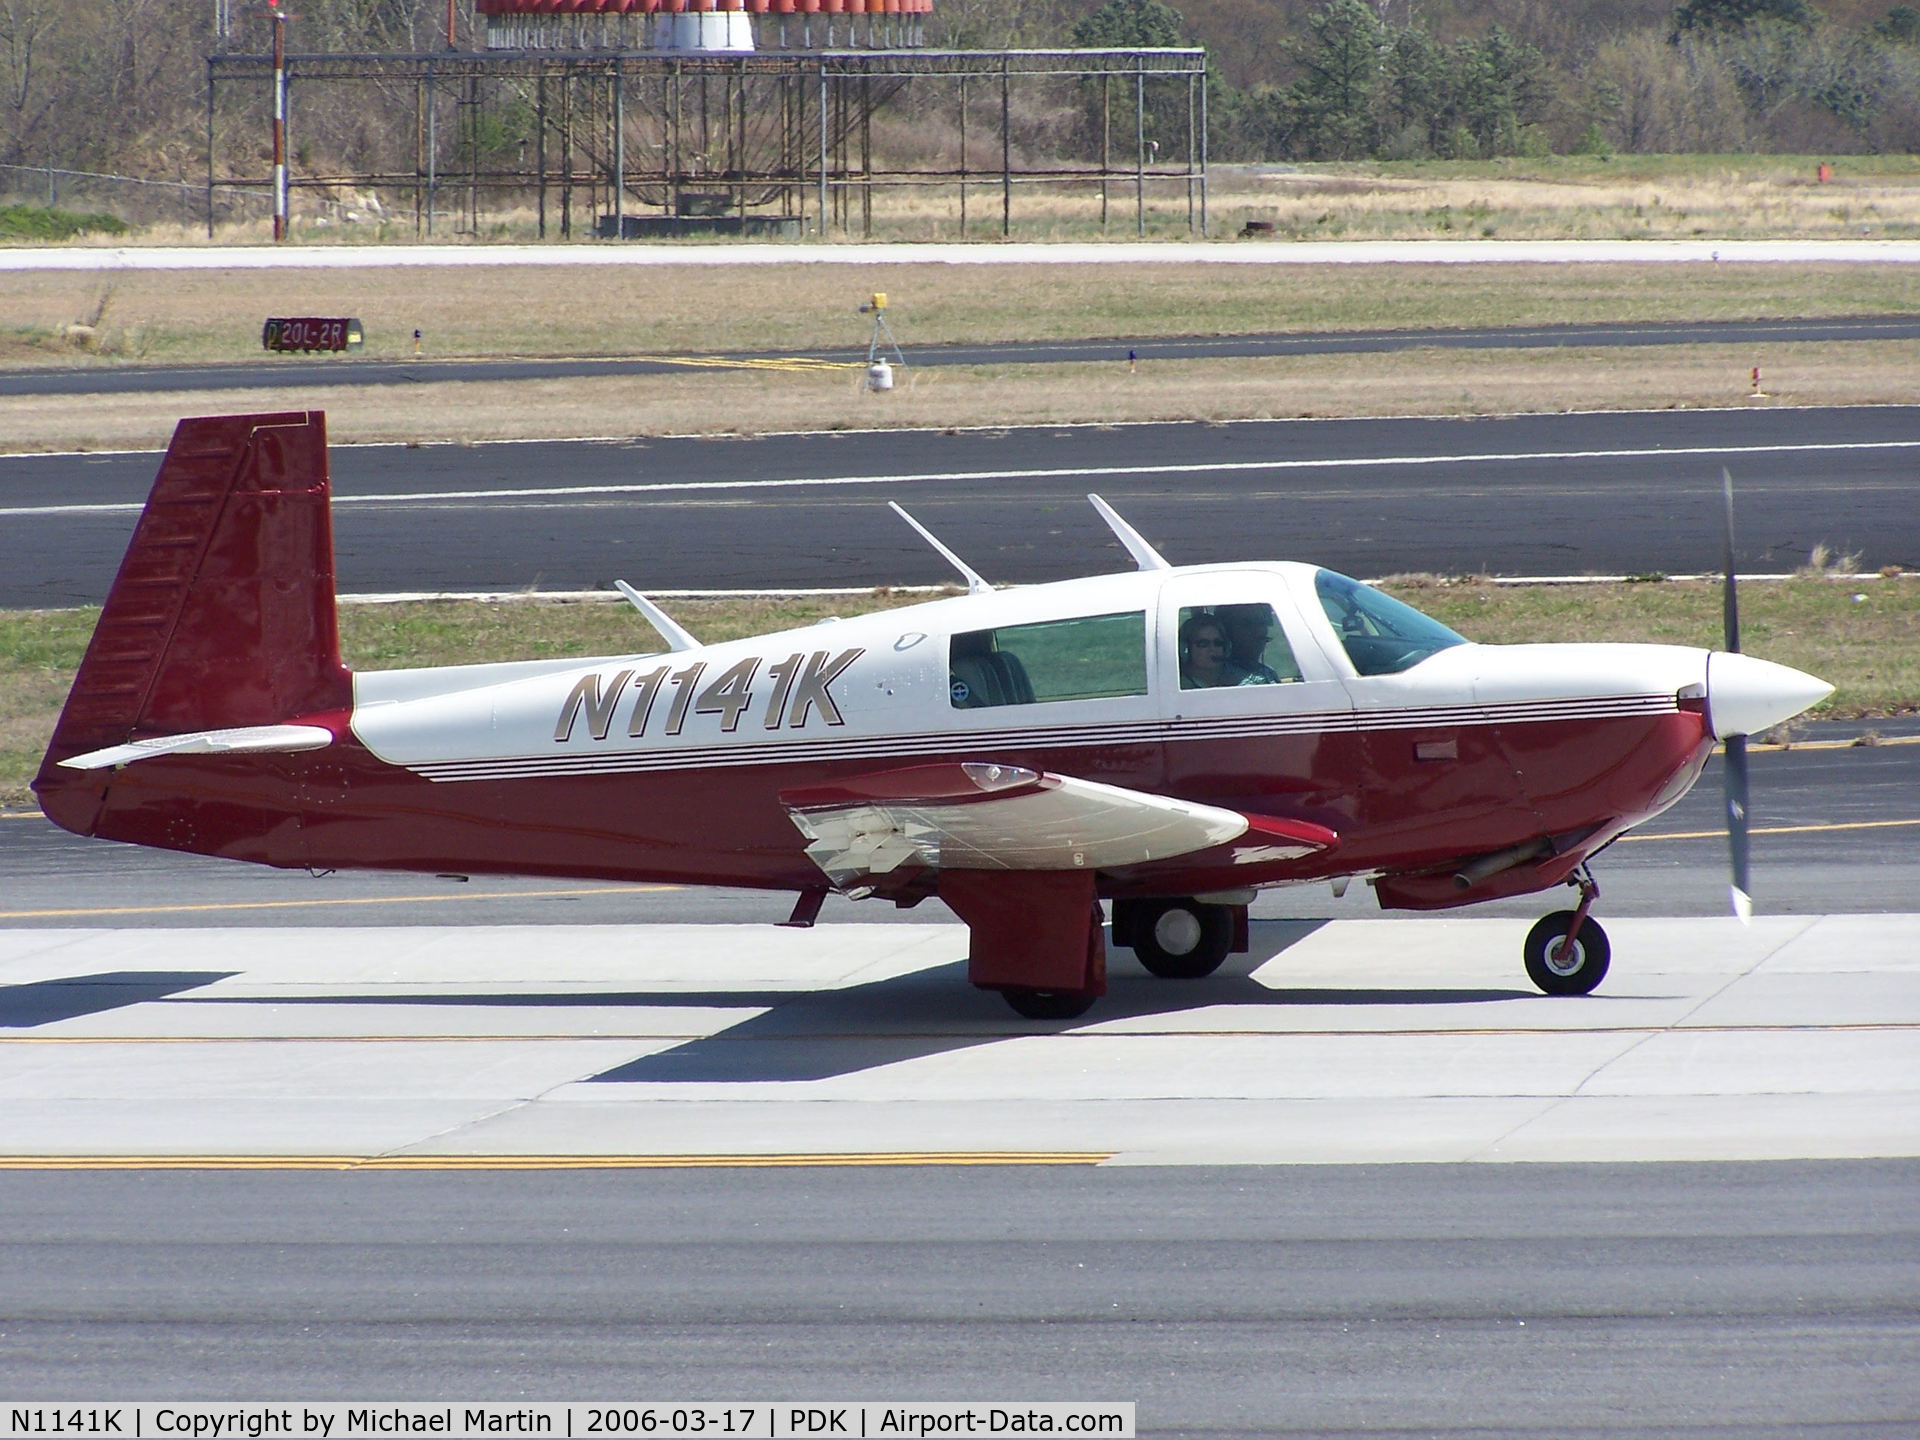 N1141K, 1981 Mooney M20J 201 C/N 24-1214, Taxing to Runway 20R